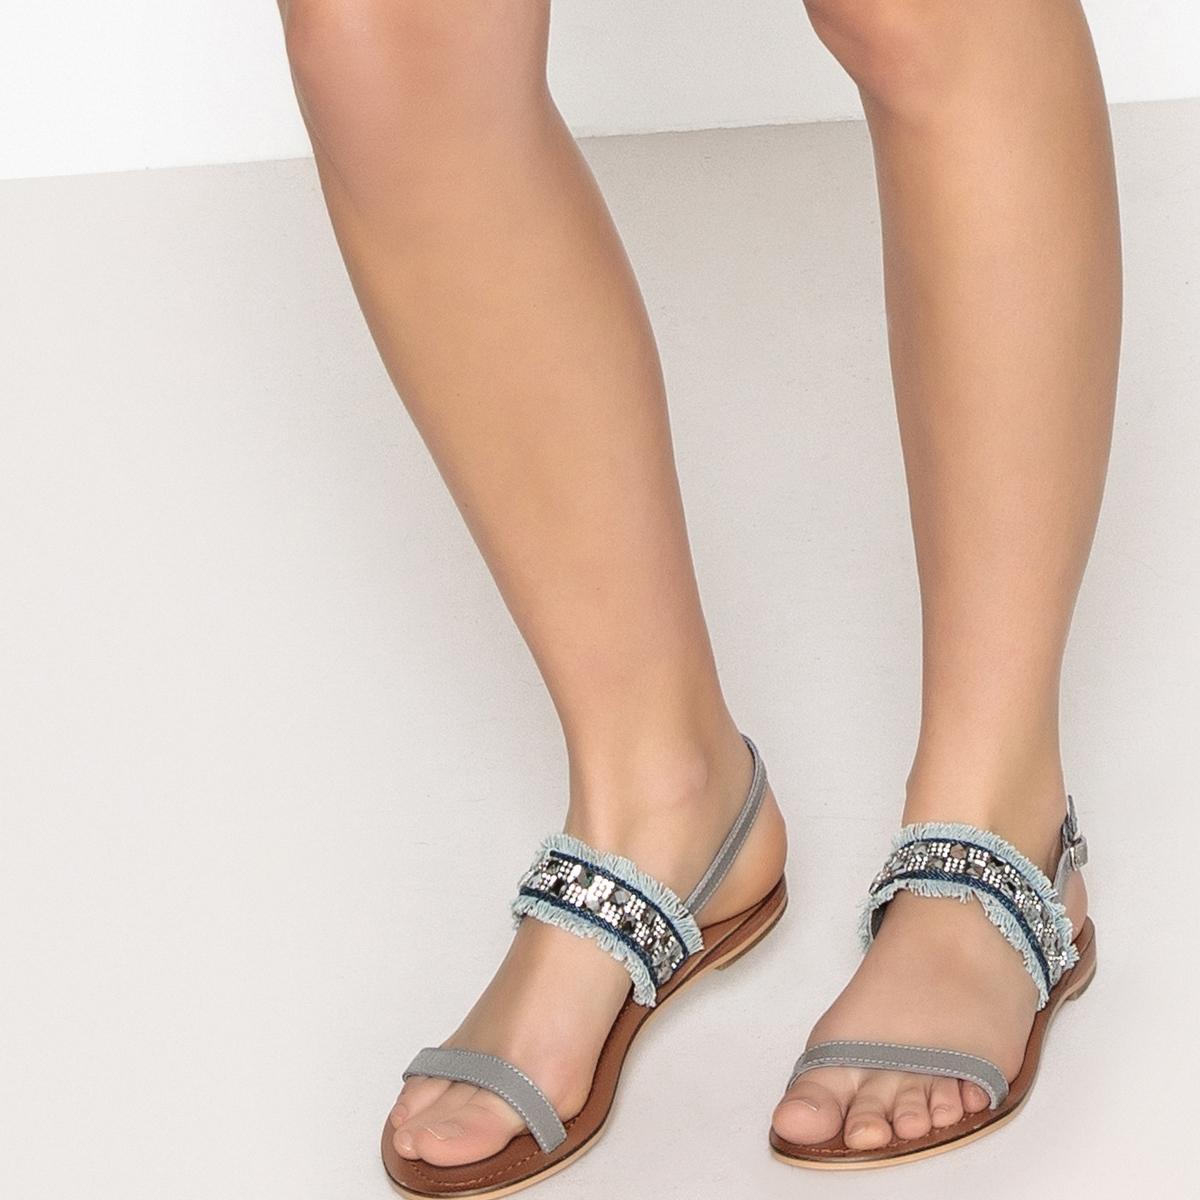 Sandalias de piel con detalles de cuentas